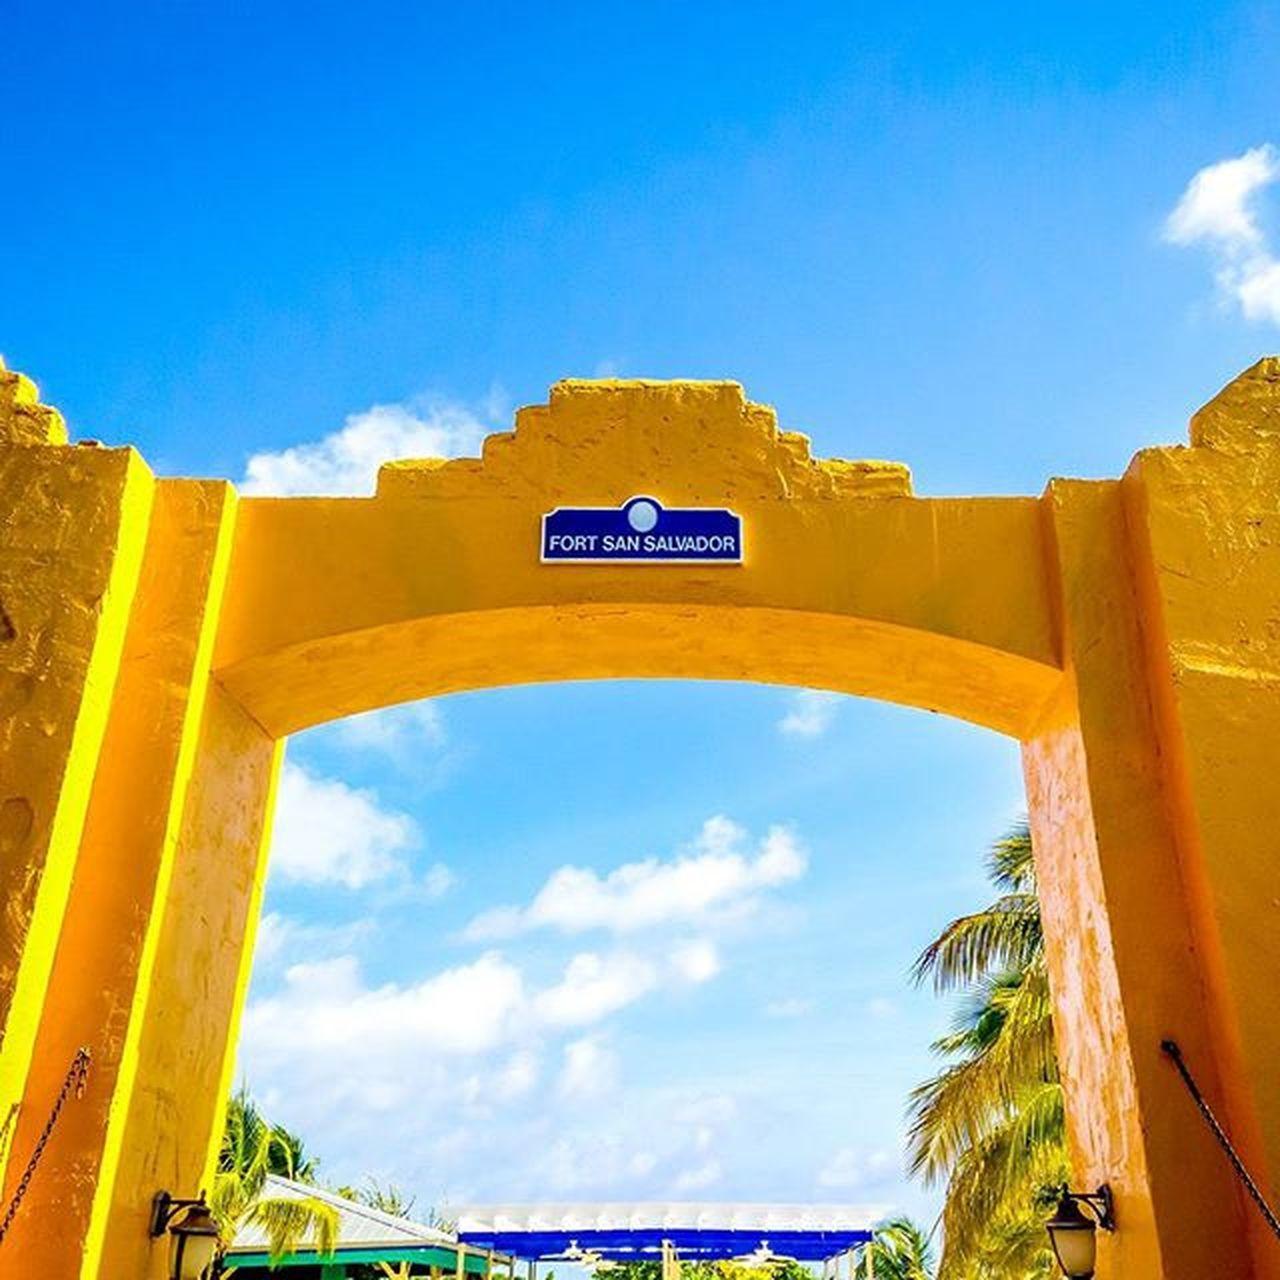 Gateway to paradise Bahamas HalfMoonBay Vacation Fortsansalvador Cruise Carnivalcruise  Oneplustech Onepluslife